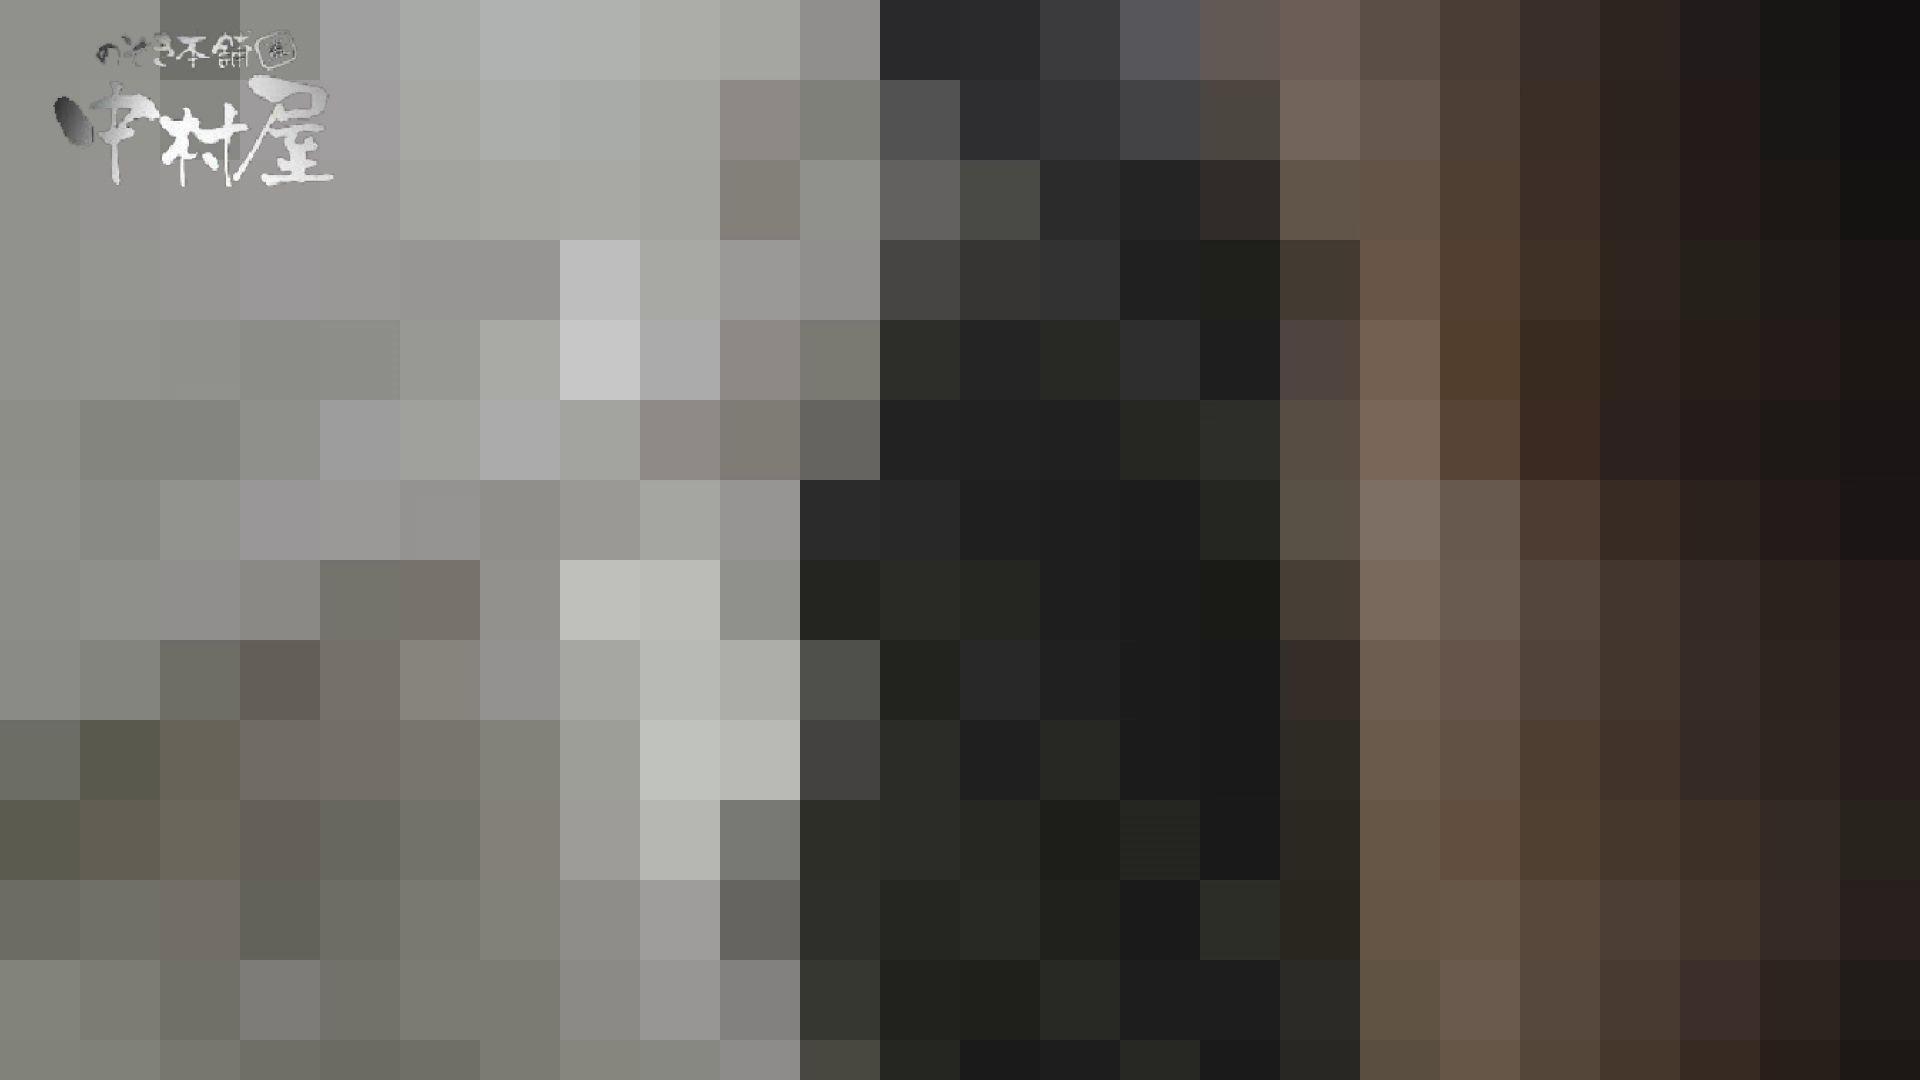 【世界の射窓から】世界の射窓から vol.18後編 洗面所編  102PIX 10